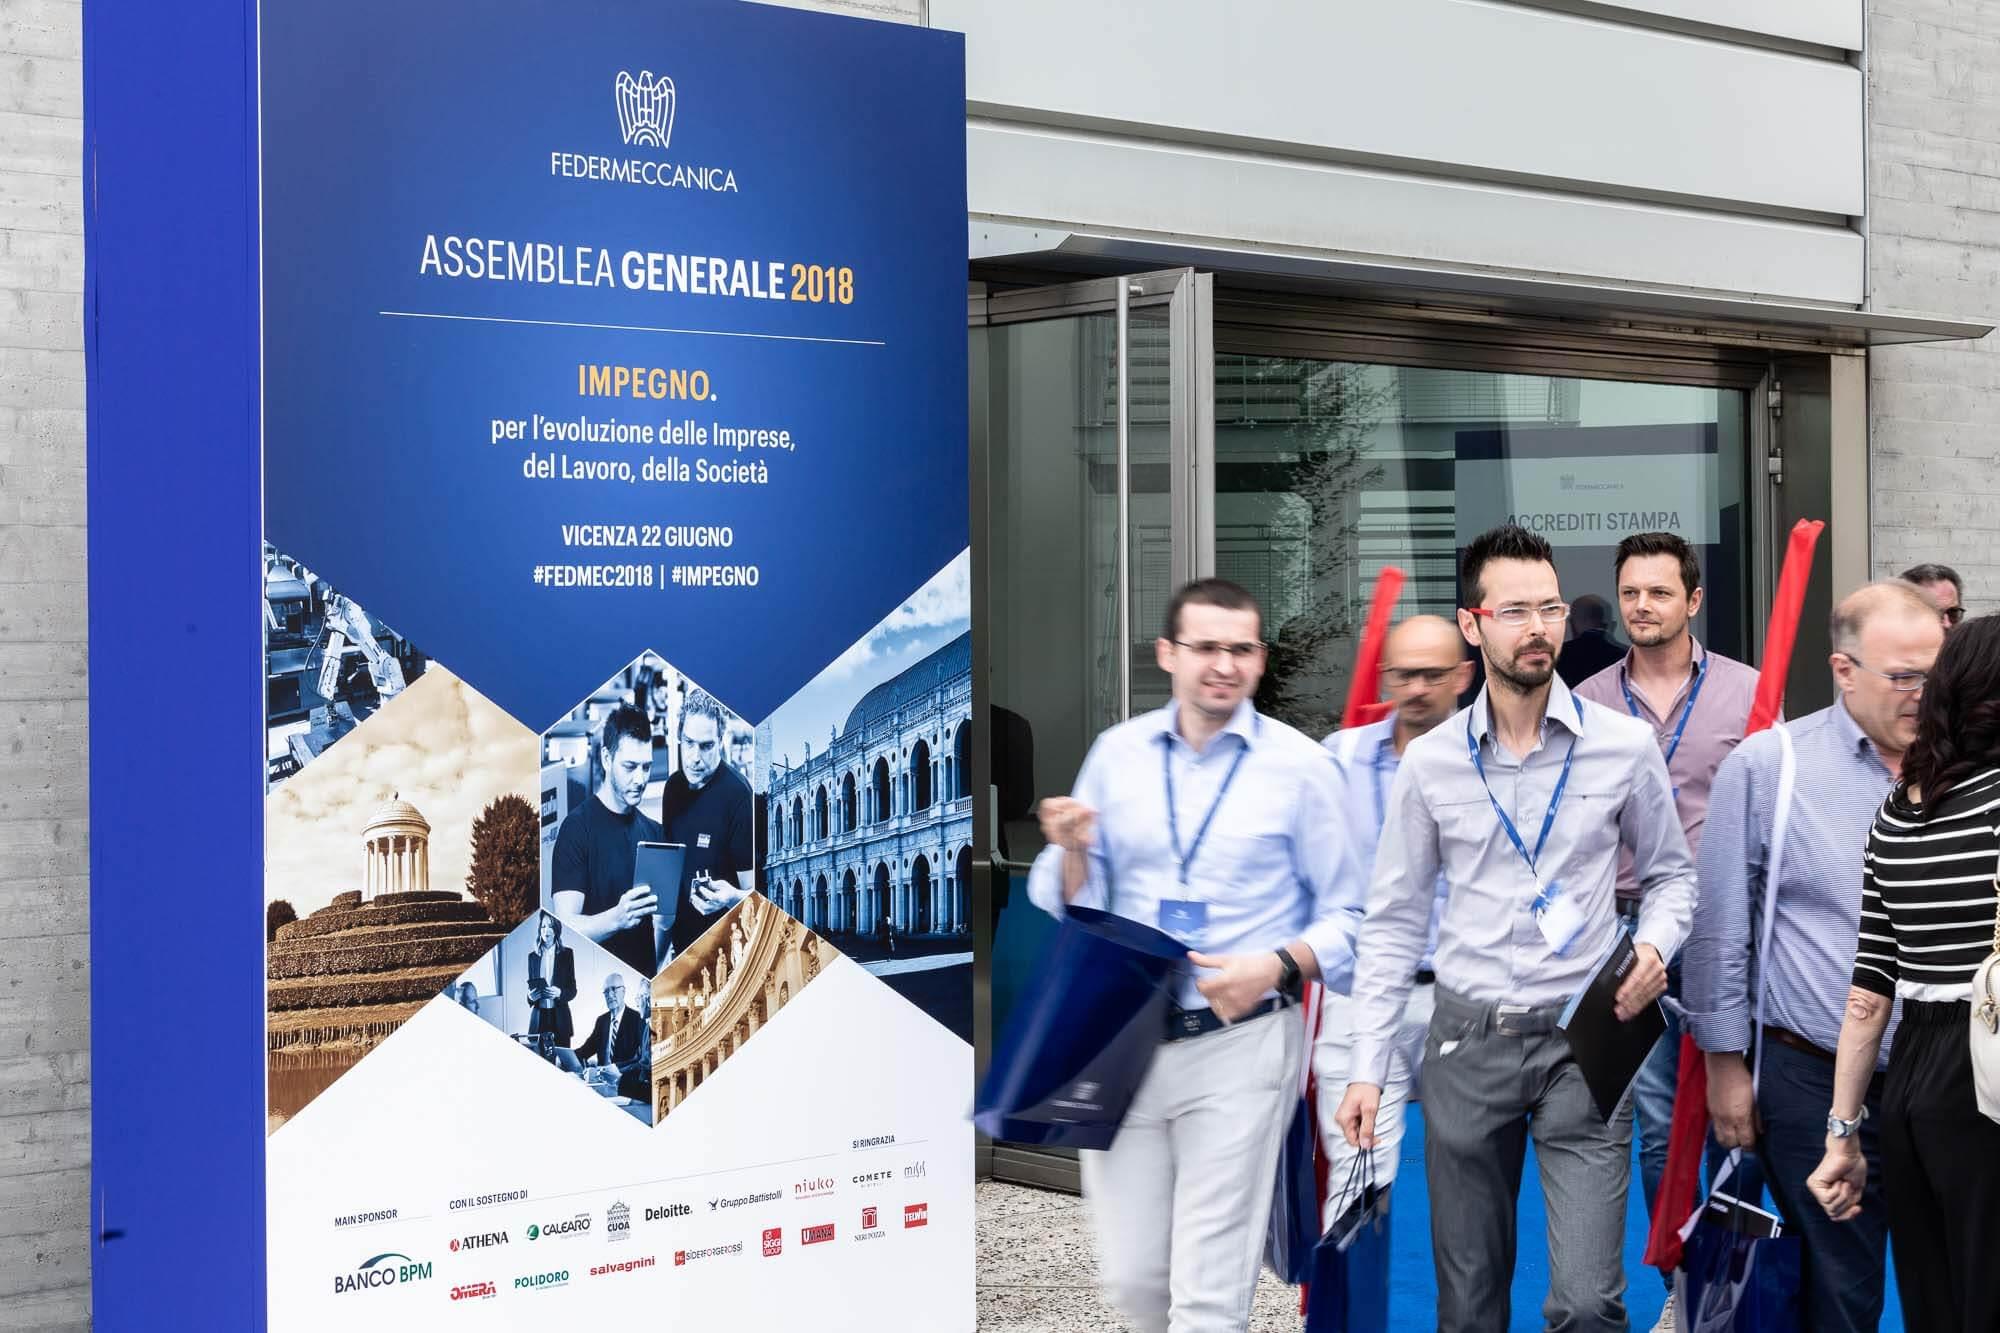 Assemblea generale 2018 Federmeccanica - totem esterno